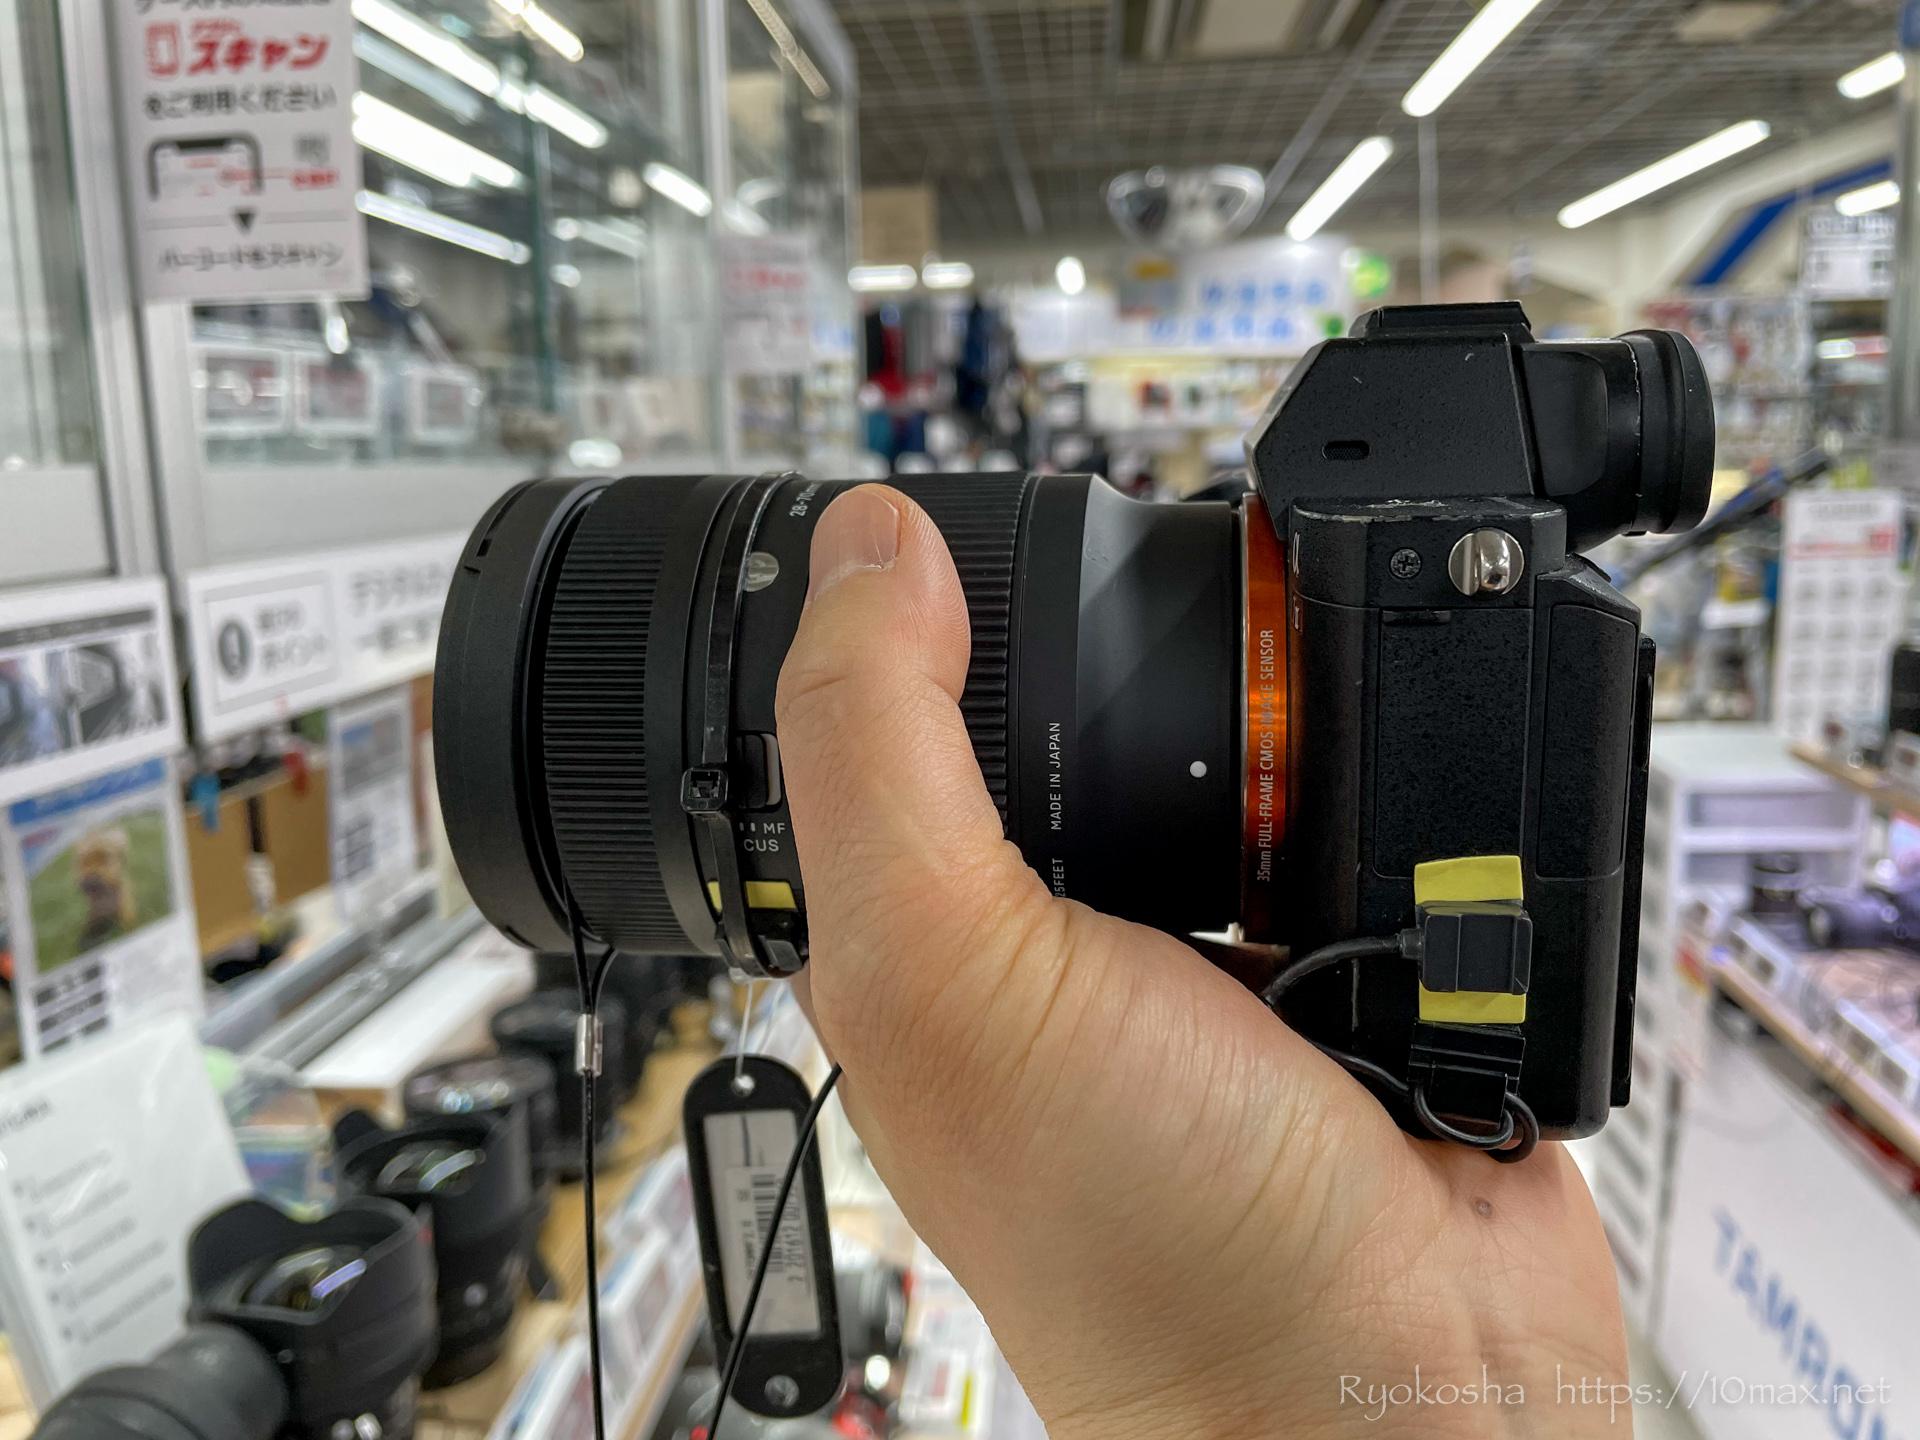 実機比較 SIGMA 28-70mm F2.8 DG DN Contemporary TAMRON 28-75mm F/2.8 Di III RXD (Model A036) α7II